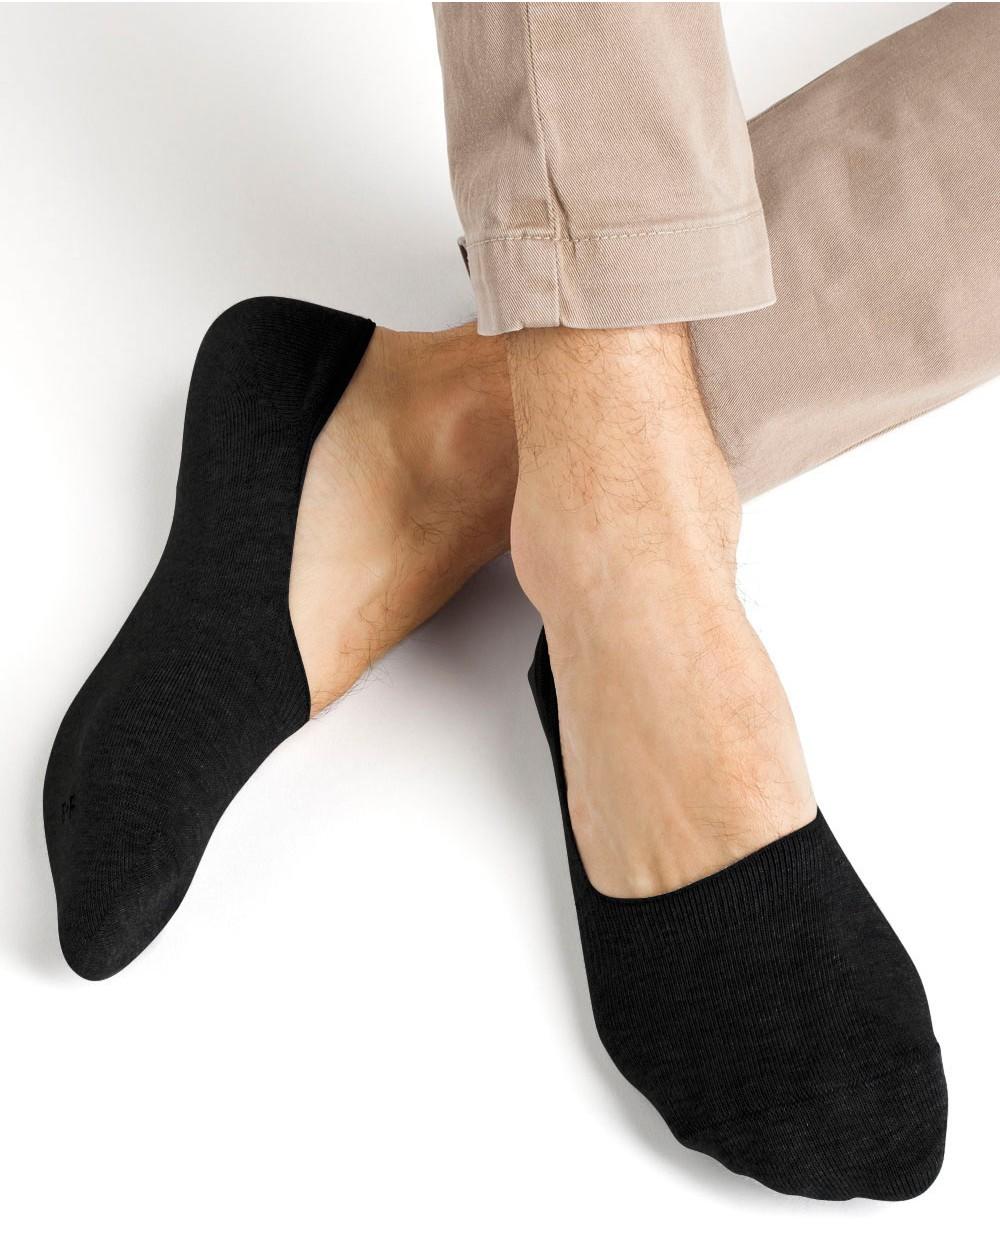 Chaussettes invisibles coton protège-pieds